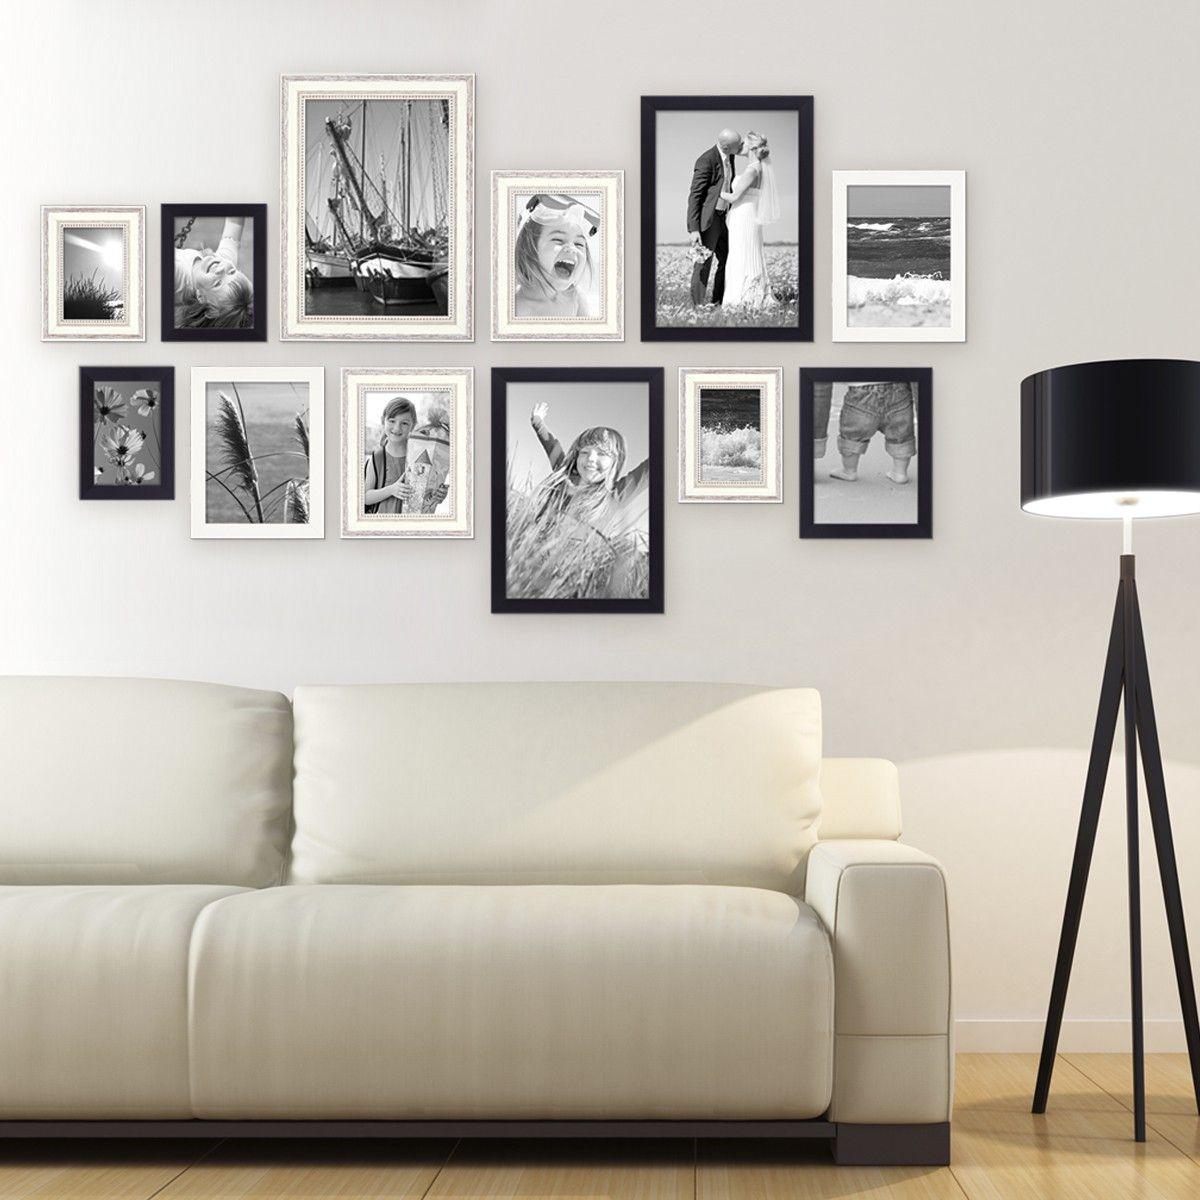 12er Set Bilderrahmen für grosse Bilderwand Modern Shabby-Chic 10x15 ...